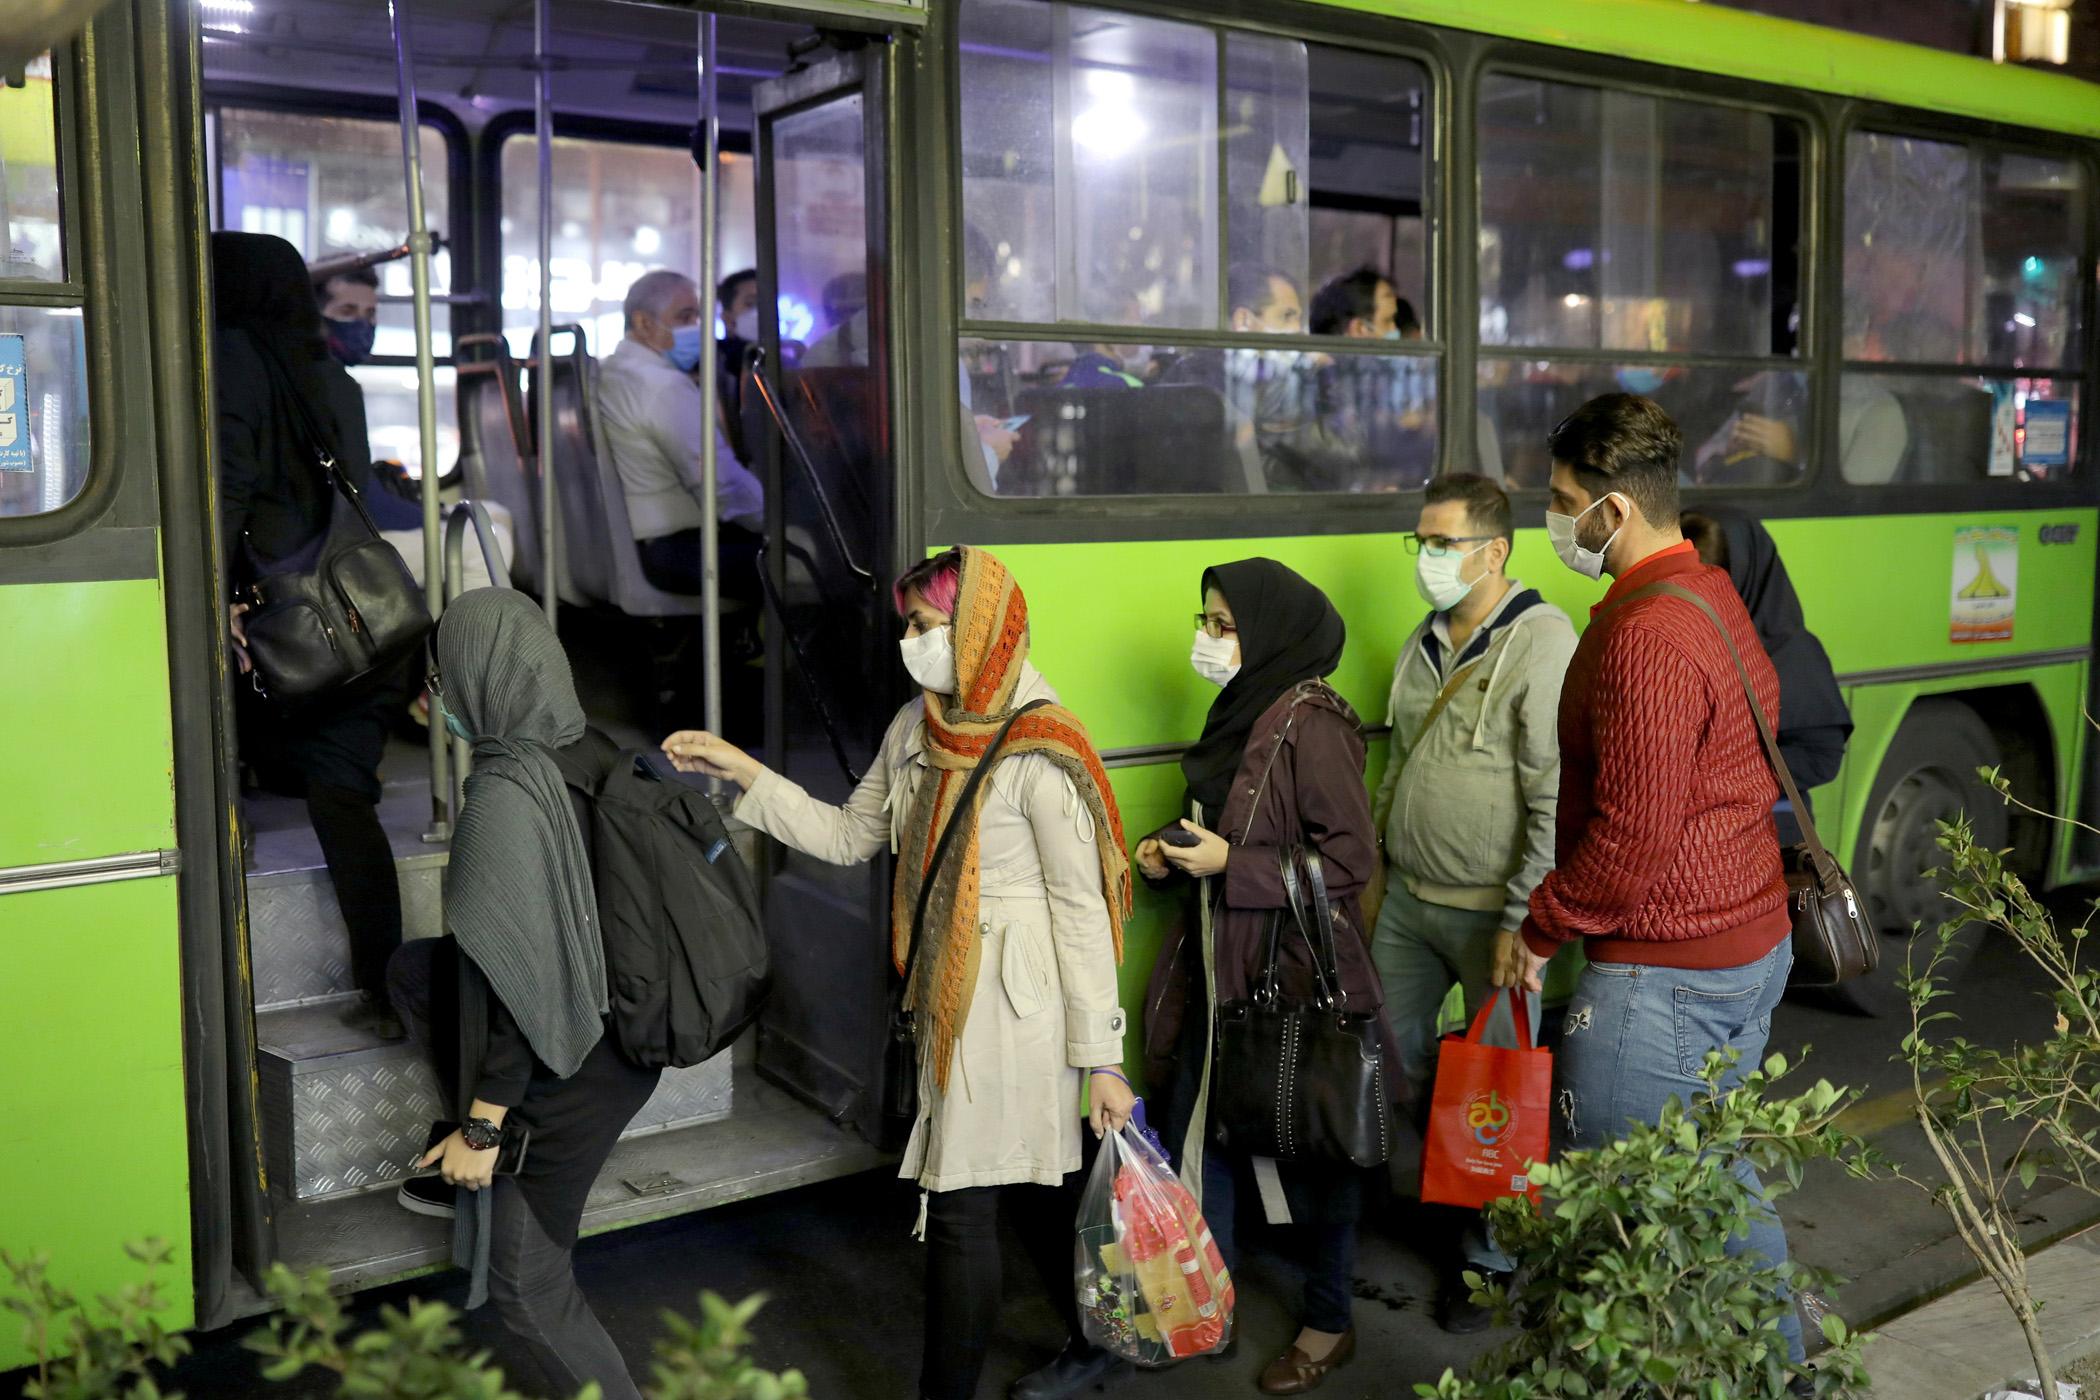 Πάνω από 50.000 νεκροί από κορονοϊό στο Ιράν